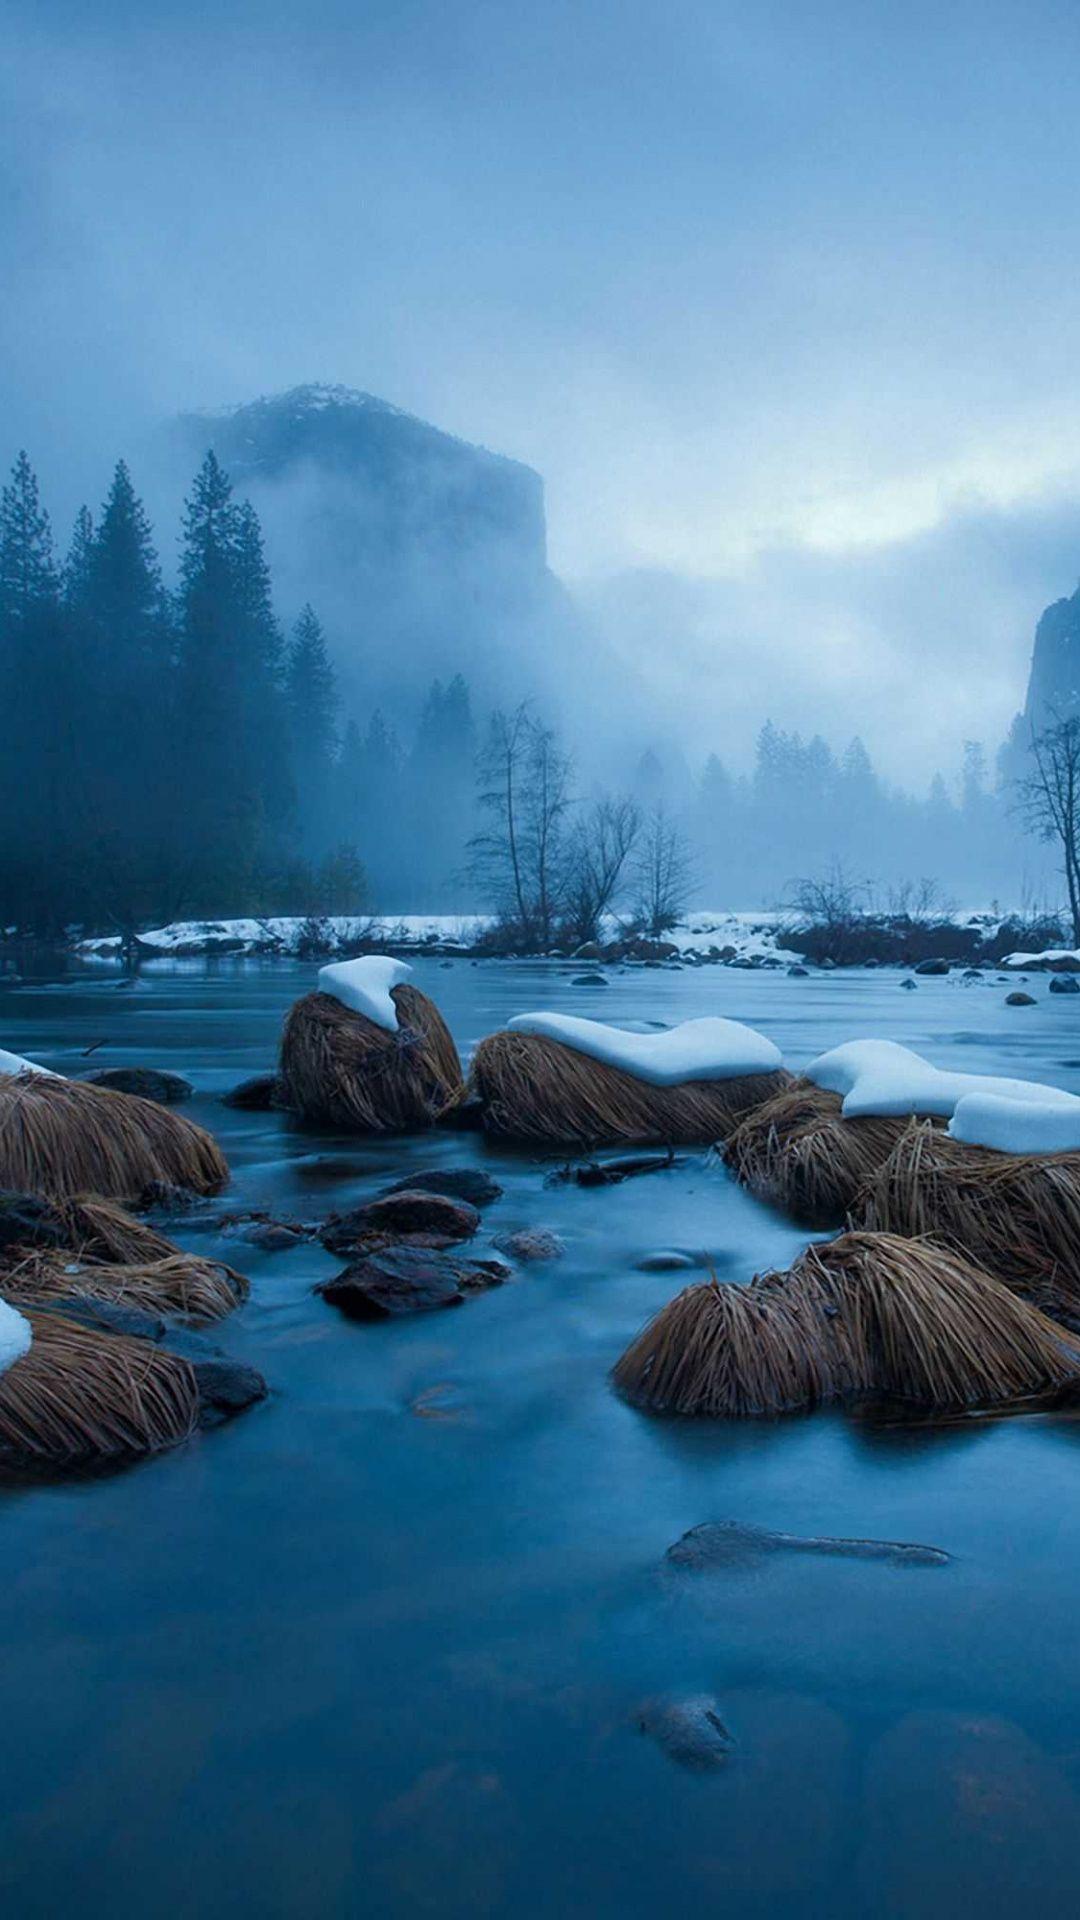 Hình nền thiên nhiên đẹp nhất cho điện thoại trong 2020